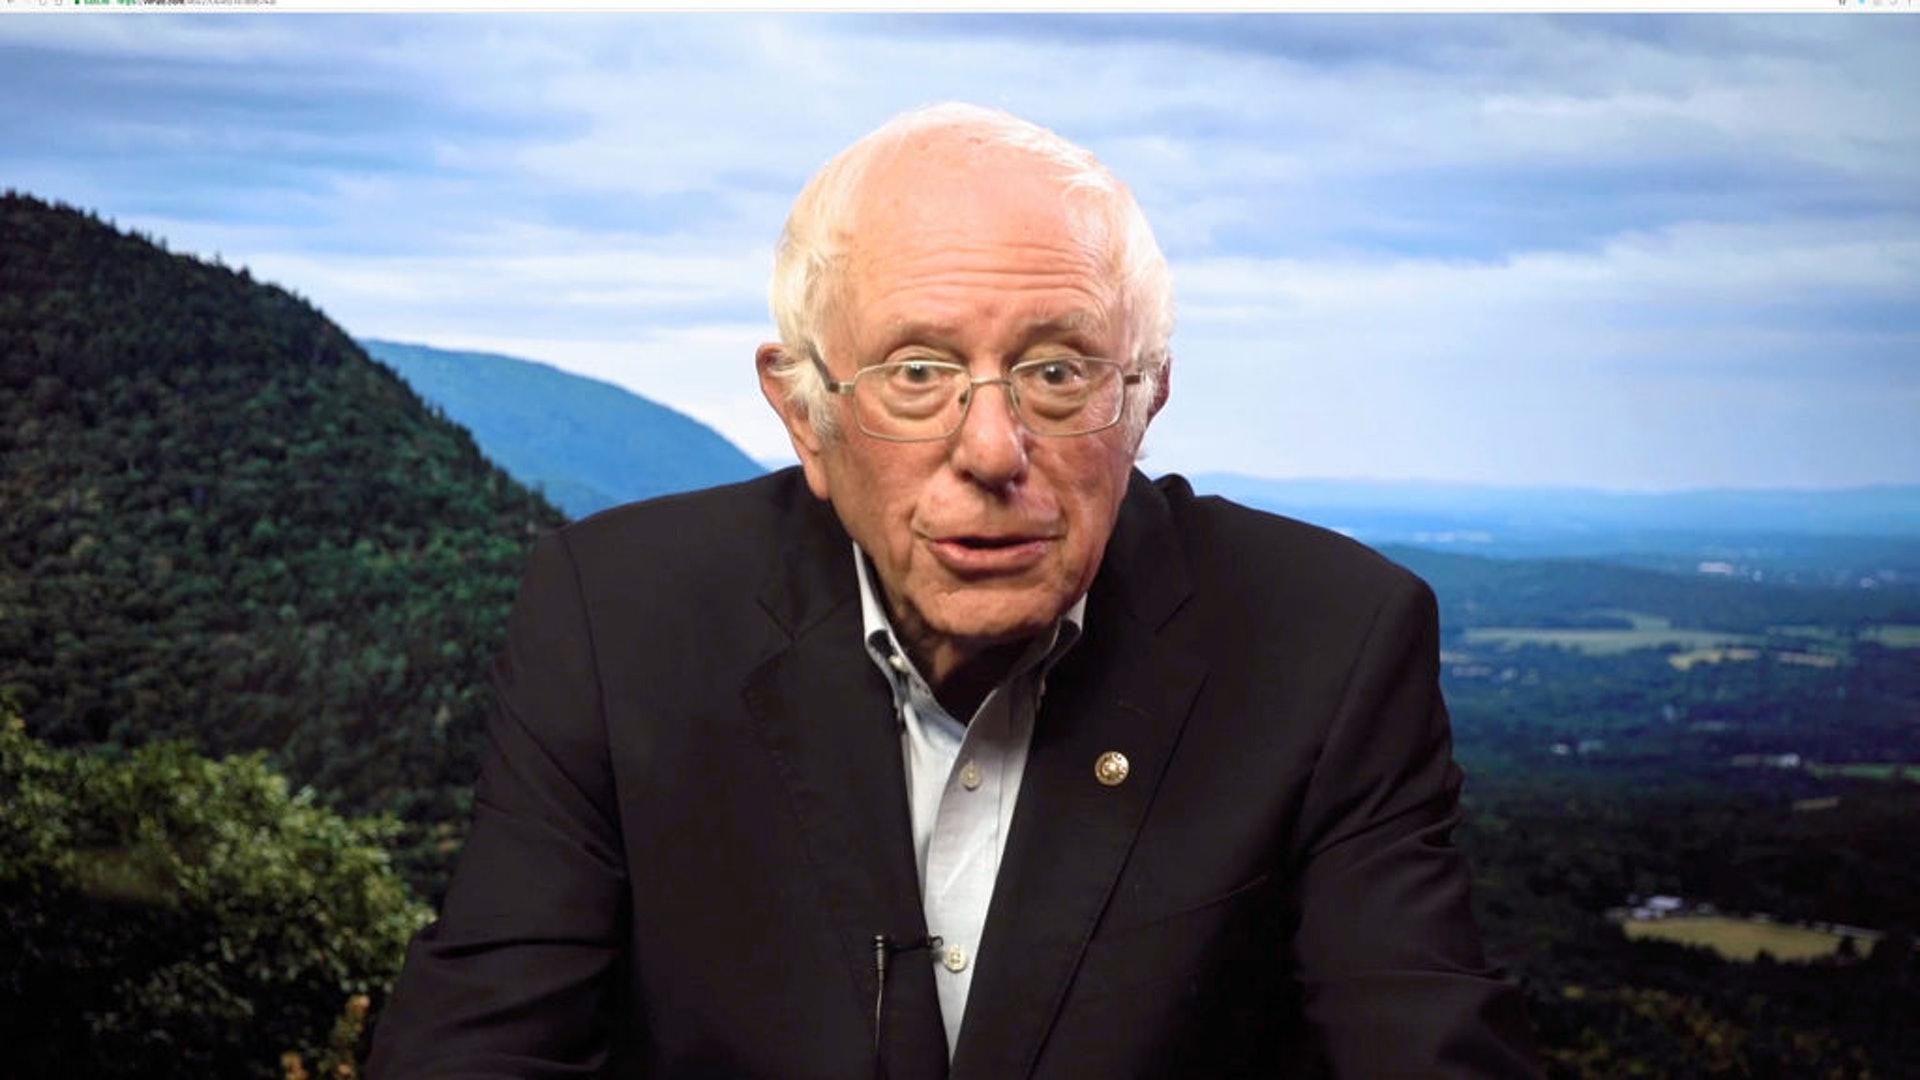 拜登內閣人選7:圖為美國佛蒙特州參議院桑德斯。他曾兩度參加民主黨初選,不過同樣鎩羽而歸。左傾立場鮮明的他,倘若真的成為美國勞工部長,可能會為美國勞工市場帶來頗大的轉變,而這或許並非一些黨內人士或商家可接受。圖為他2020年9月26日以視像方式出席一個與女性賦權有關活動。(Getty)